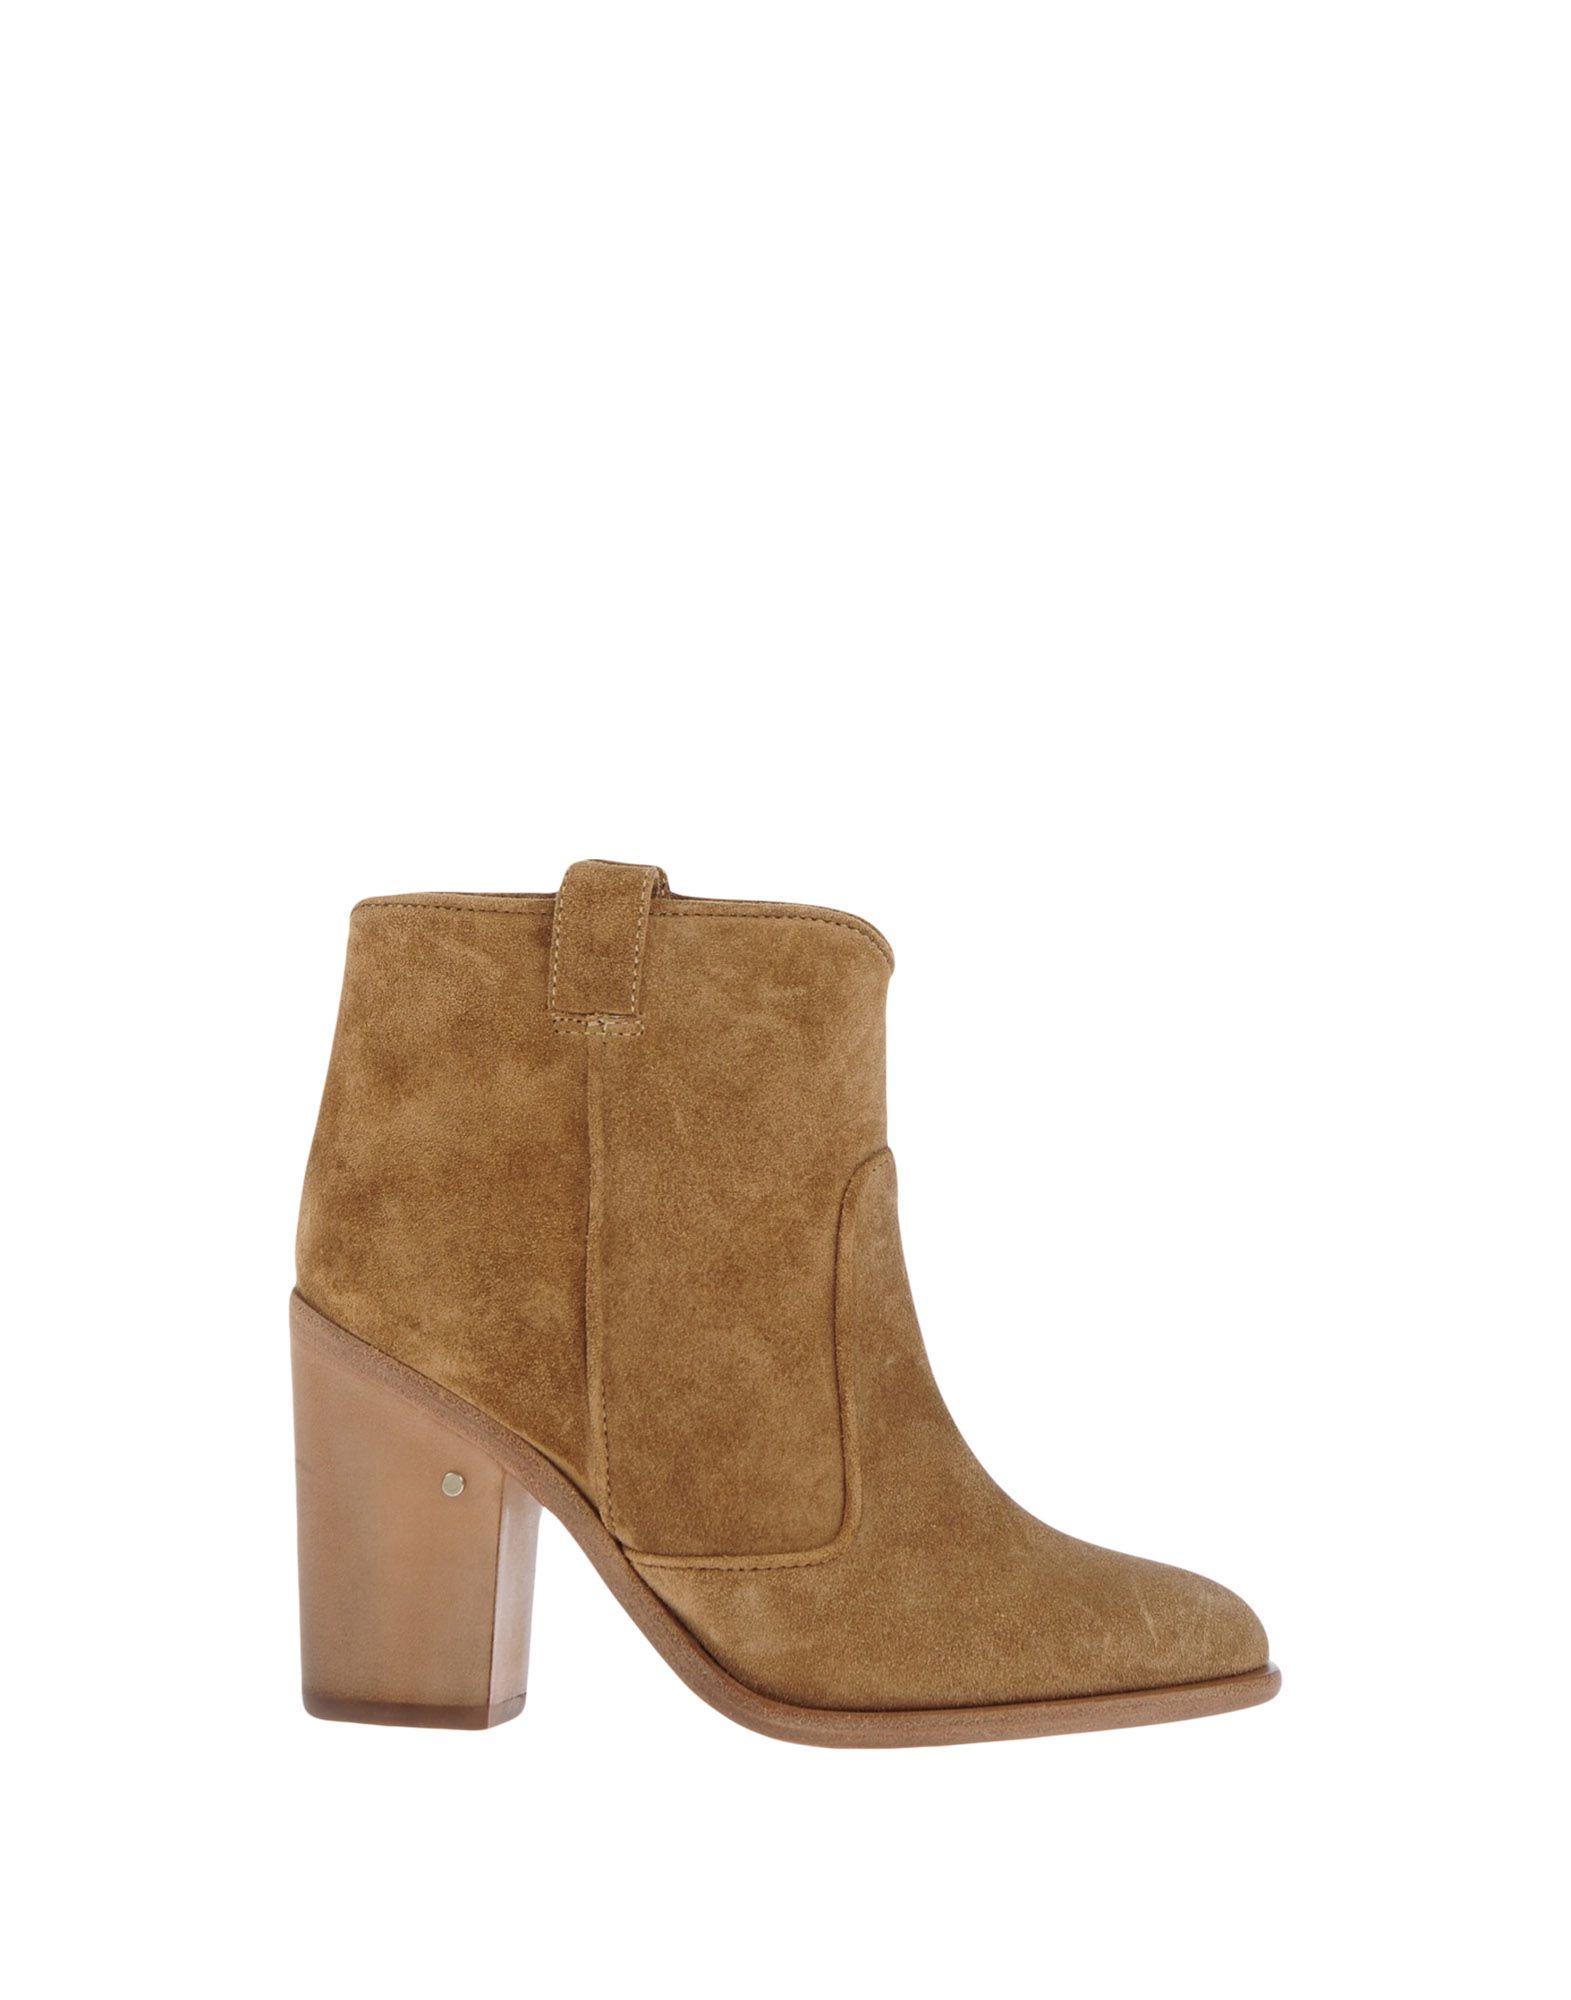 Laurence Dacade Stiefelette Damen  11428169SHGünstige gut aussehende Schuhe